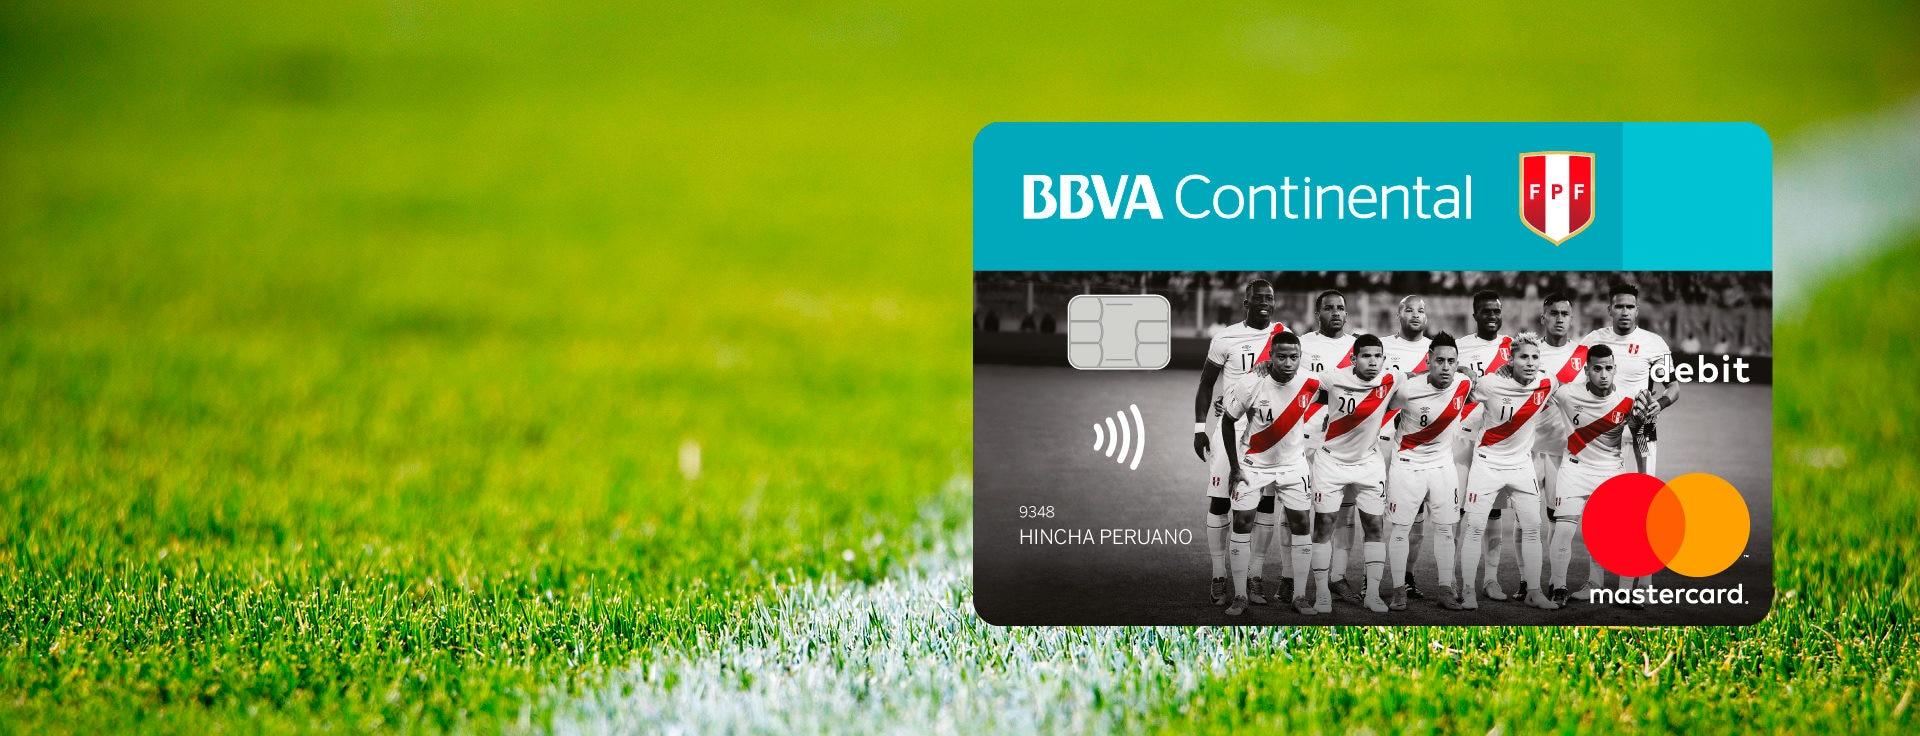 Tarjeta de la Selección BBVA Continental